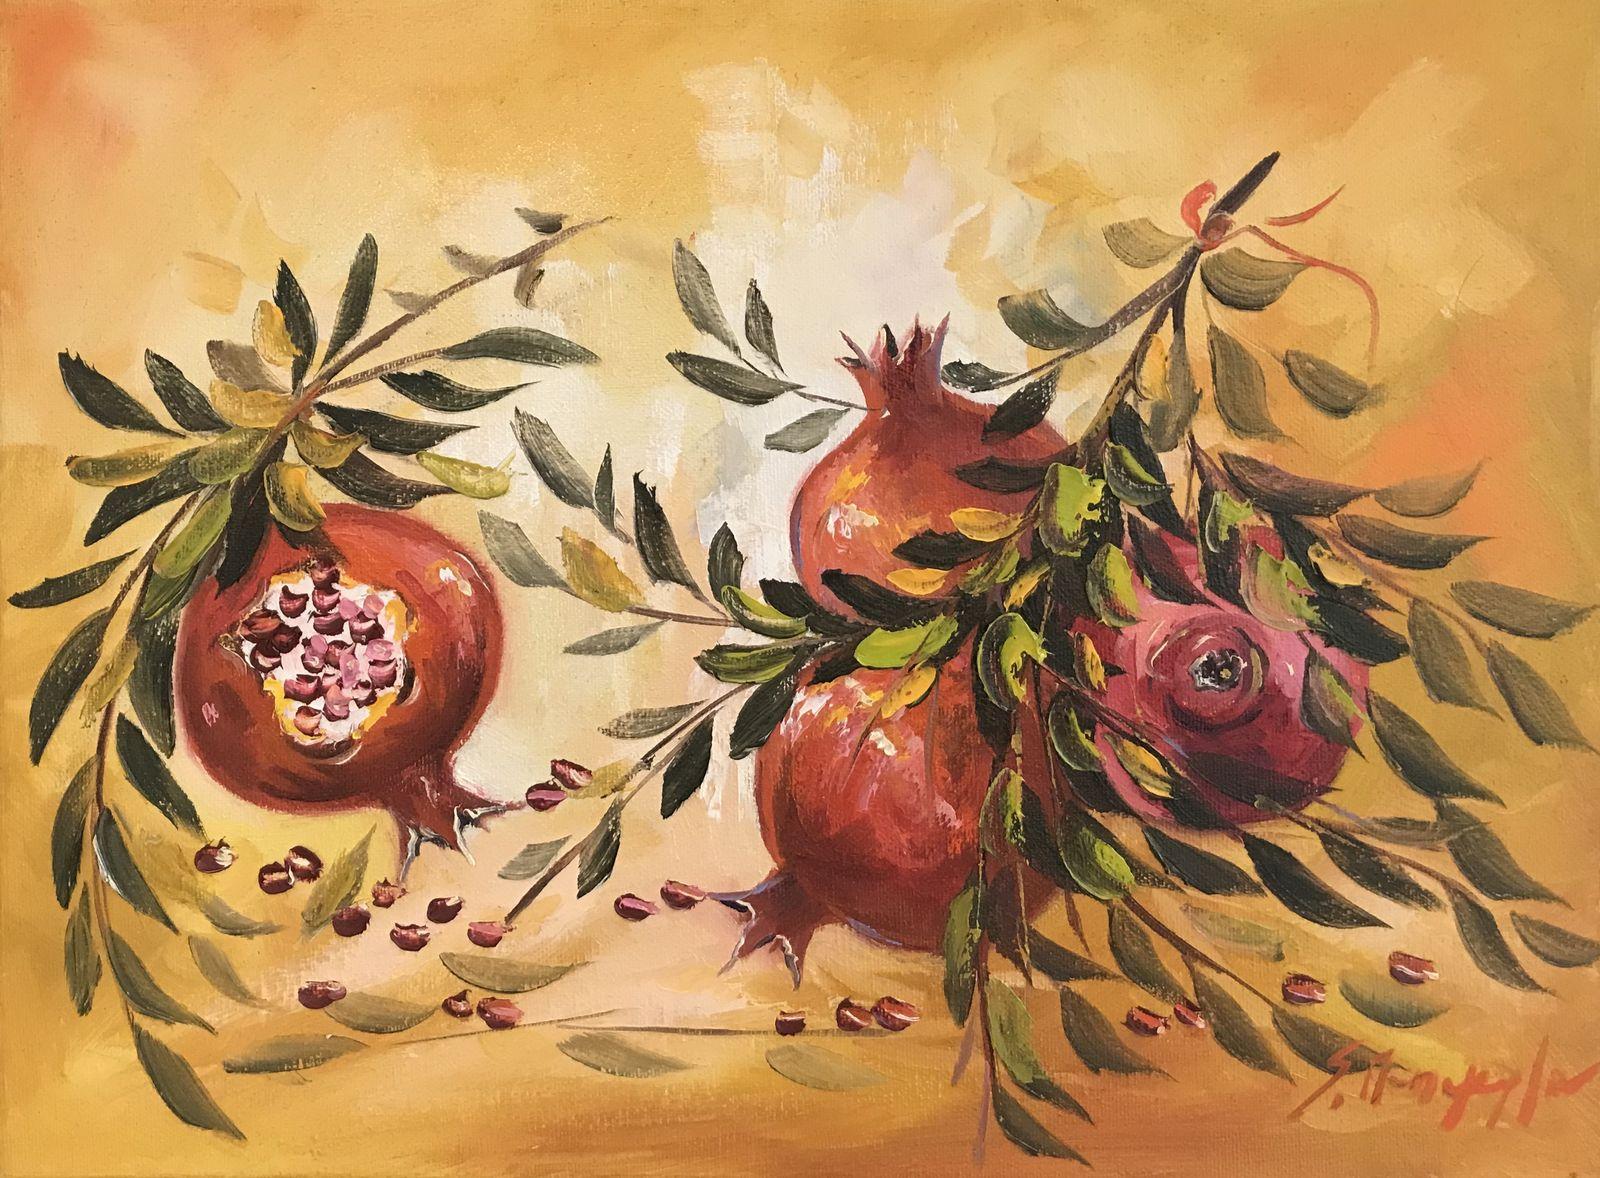 Σοφία Παπαγεωργίου 30×40 εκ. Λάδια σε καμβά Sofia Papageorgiou 30×40 cm Oils on canvas (2)